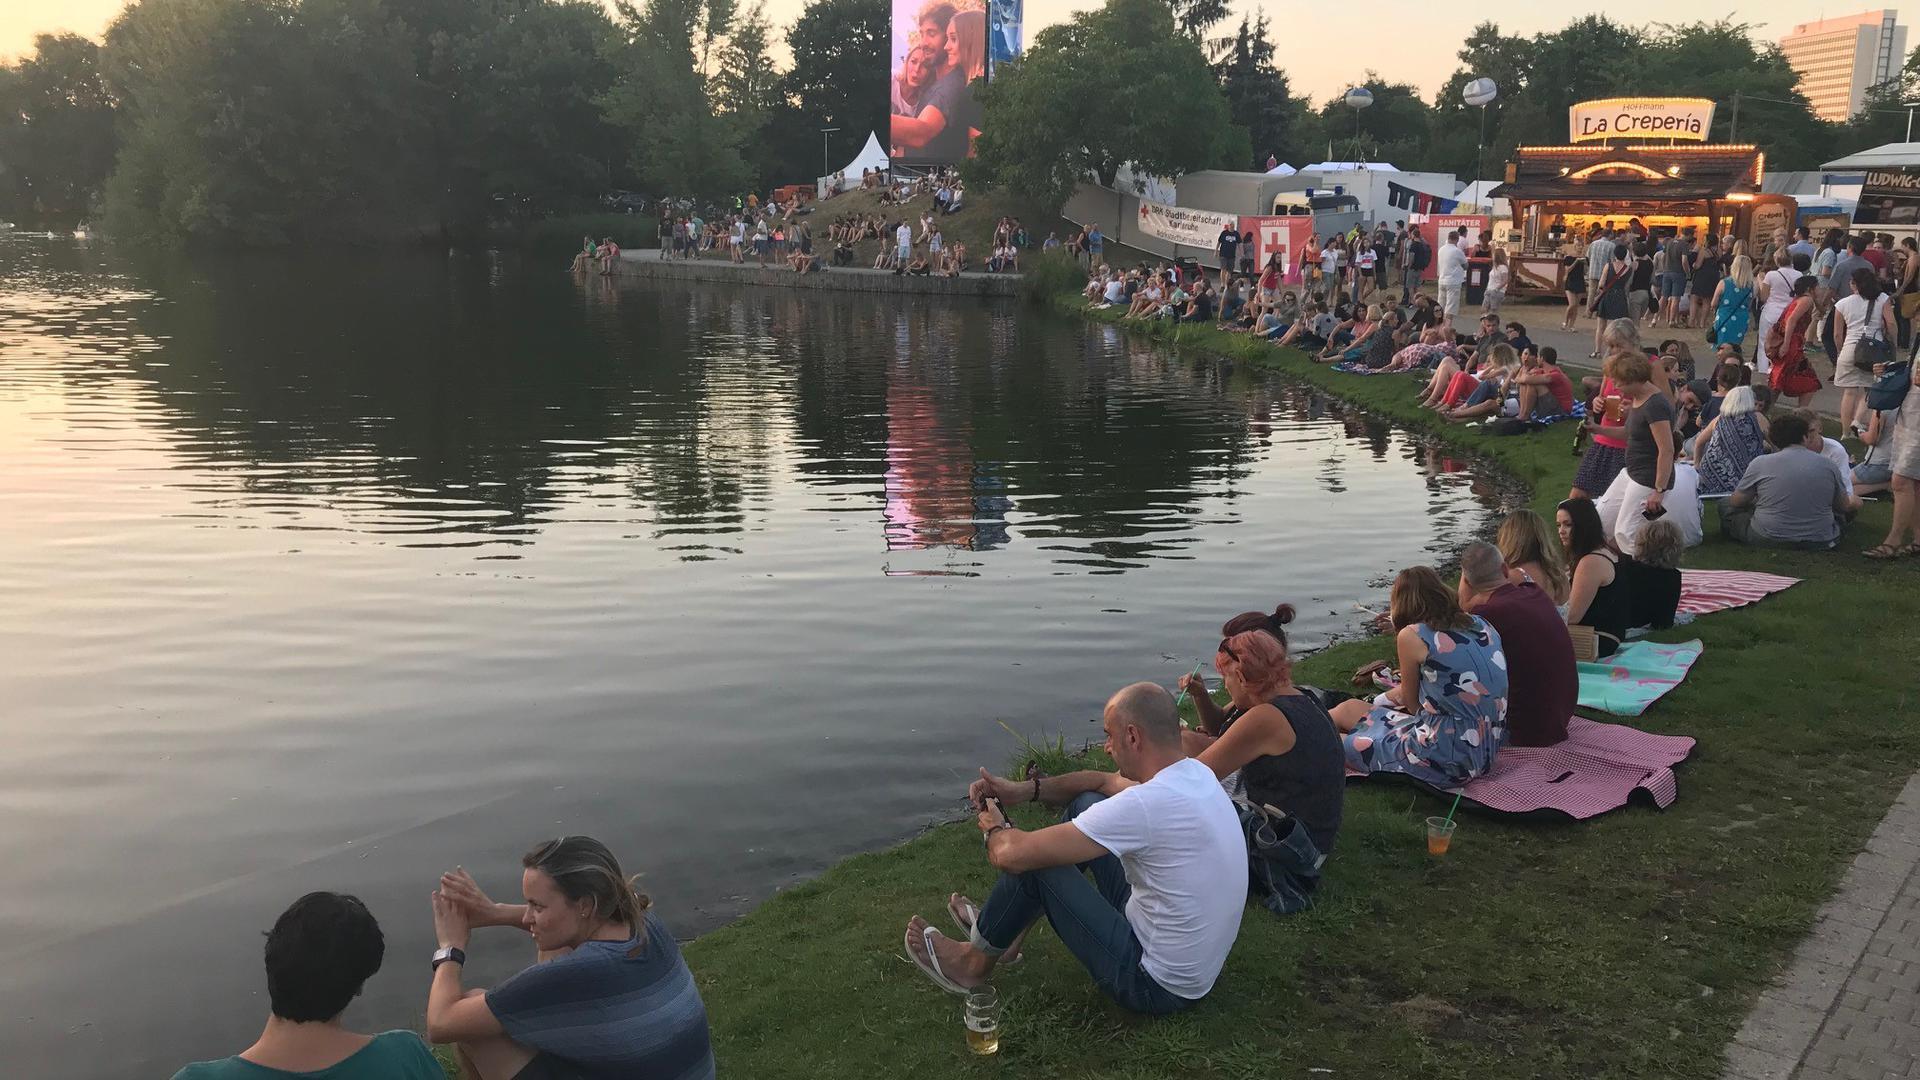 Viele Menschen sitzen am Ruderbootsee in der Günther-Klotz-Anlage und lassen bei einem Bier den Arbeitstag ausklingen.